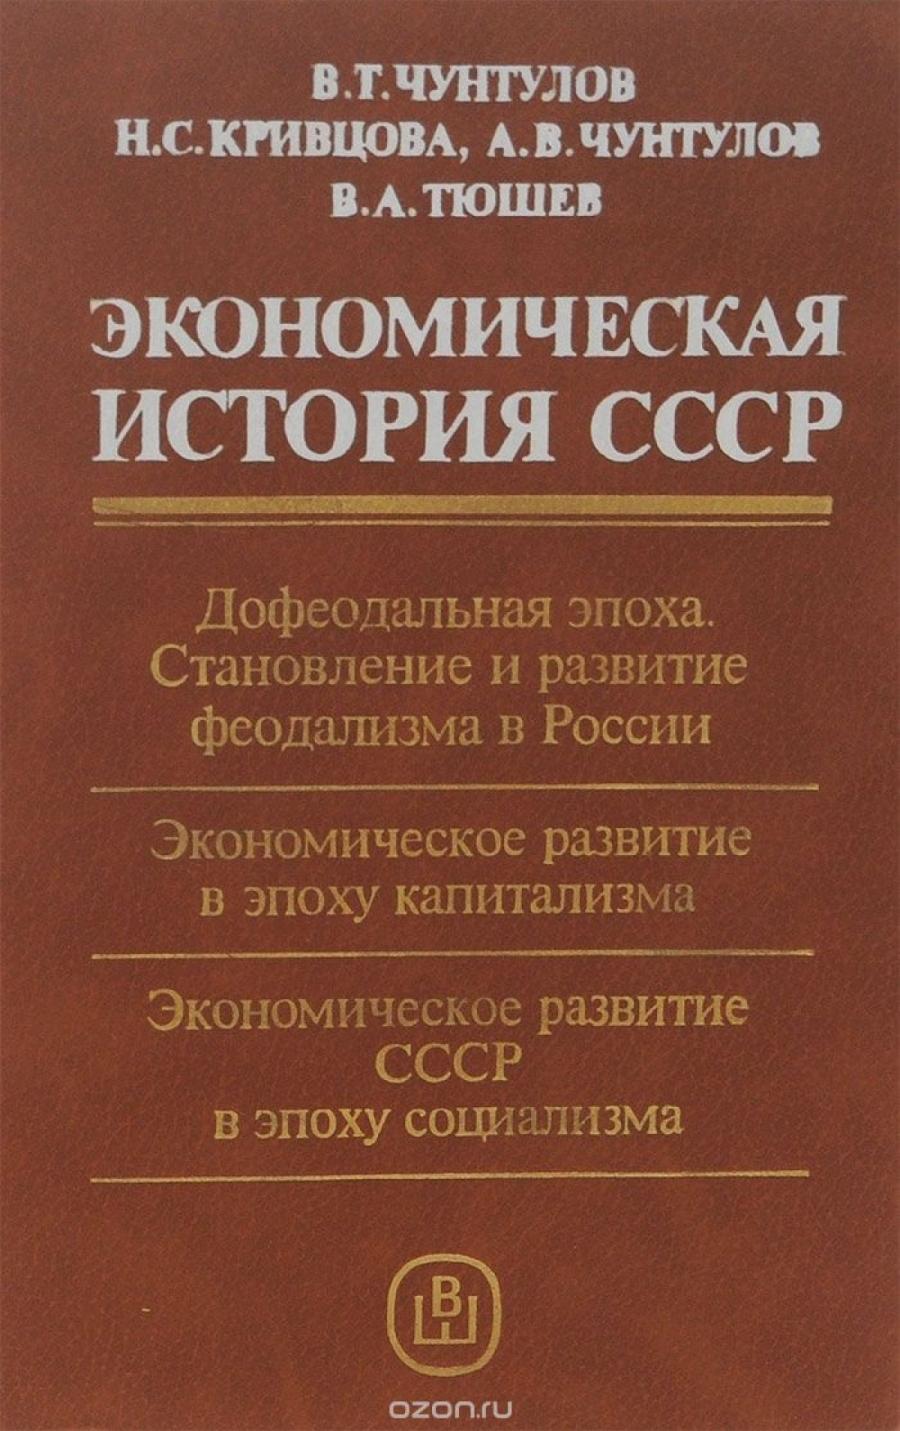 Обложка книги:  чунтулов в.т. и др. - экономическая история ссср. учебник для экономических вузов